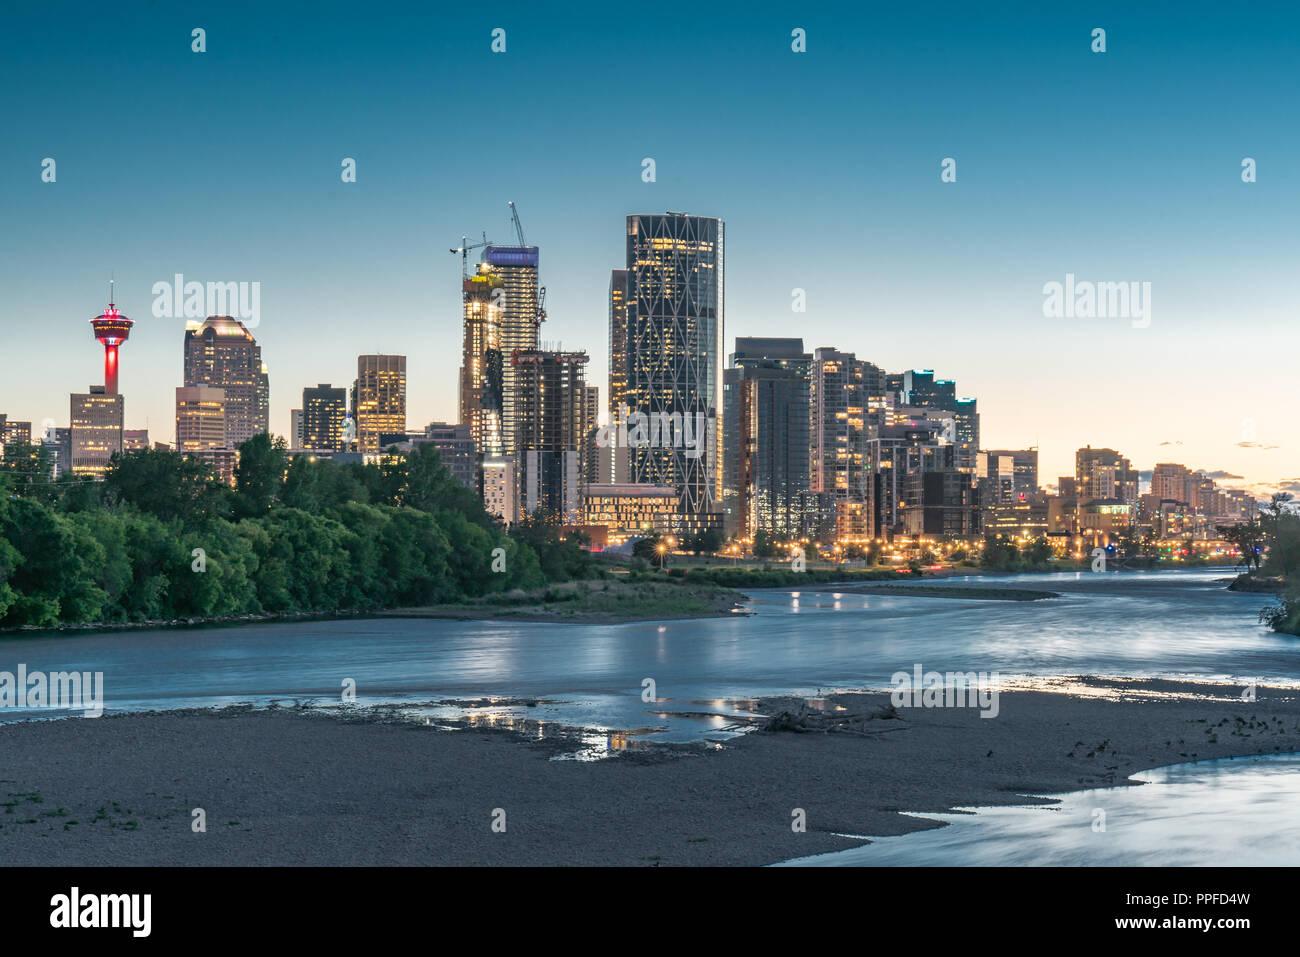 Notte skyline della città di Calgary, Alberta, Canada lungo il Fiume Bow Immagini Stock